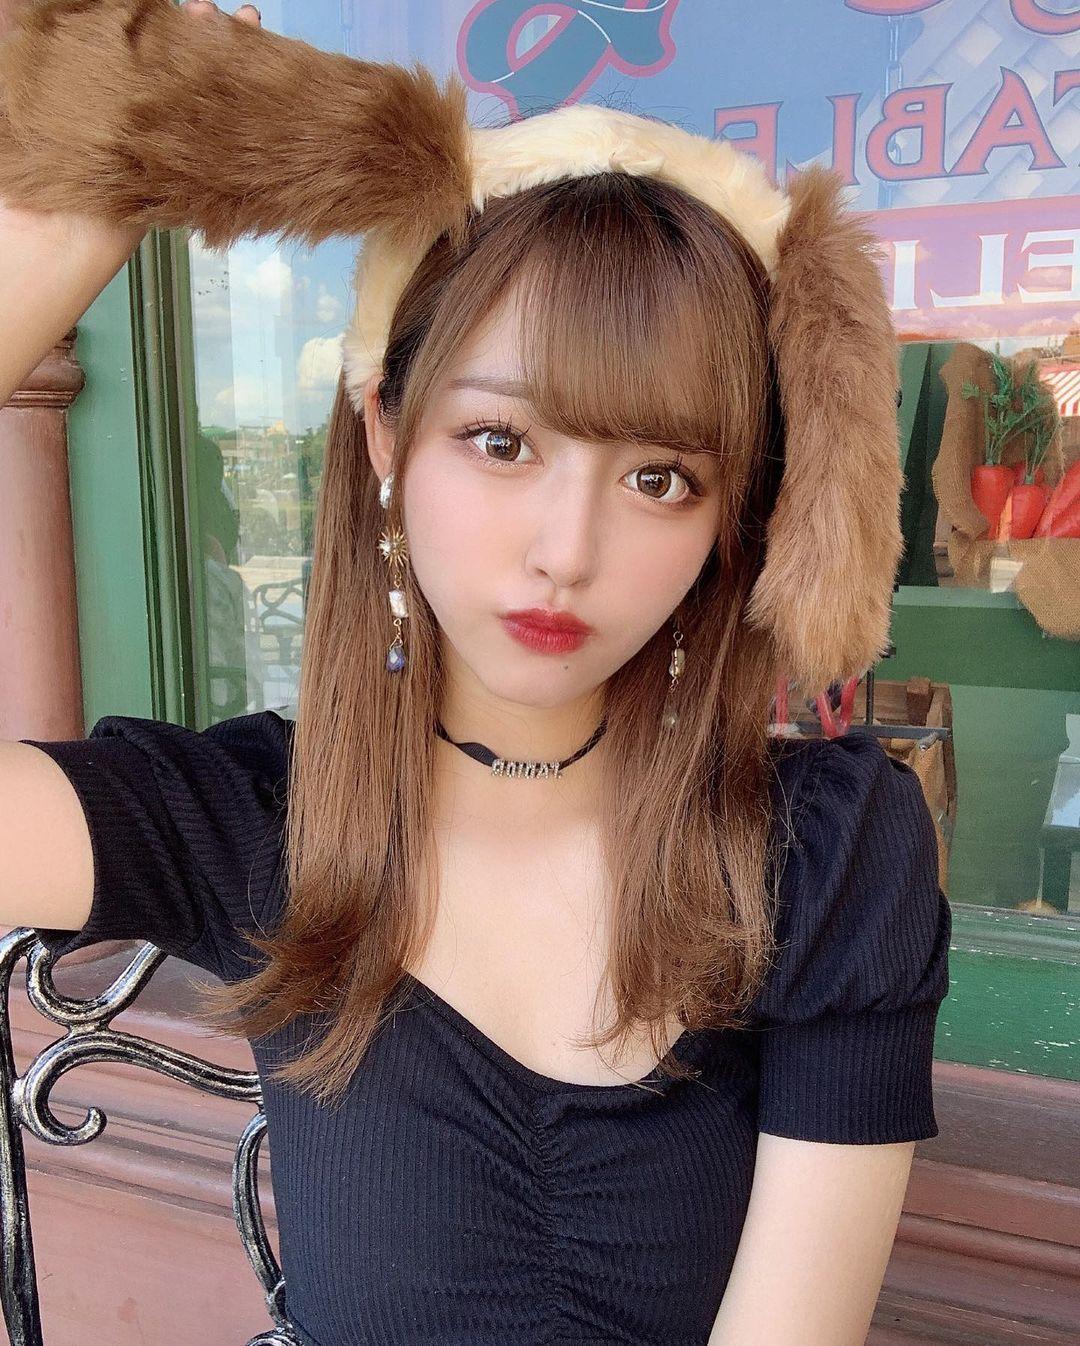 正翻了!名古屋「正妹大学生」甜美又有气质,纤细小蛮腰超迷人! 日本正妹 邻家女孩 美少女-新图包